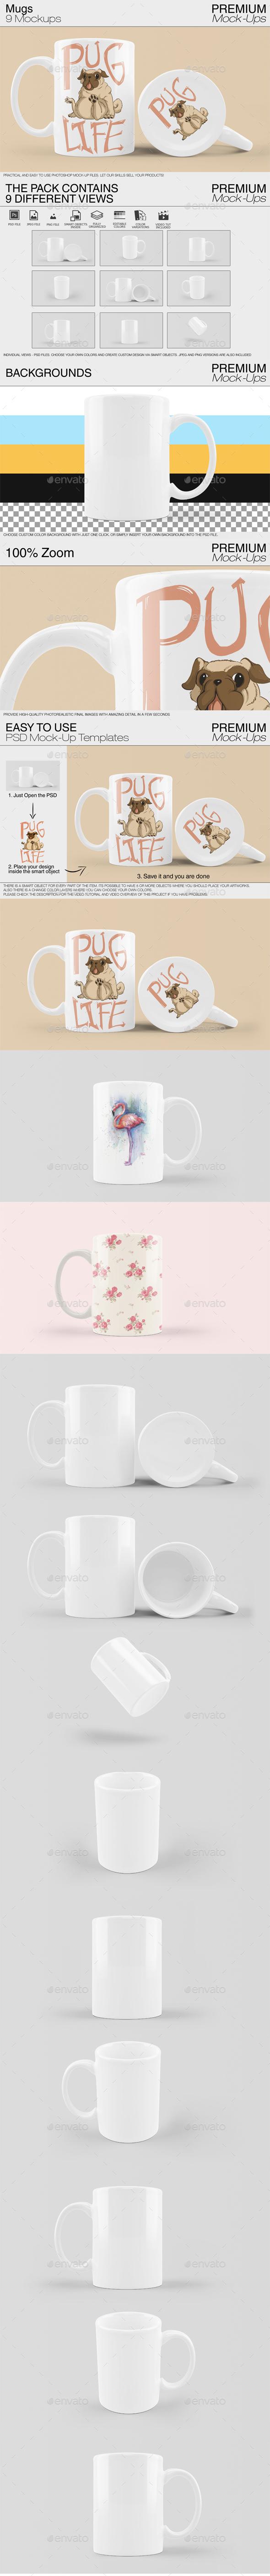 Mug Mockup Template - Print Product Mock-Ups